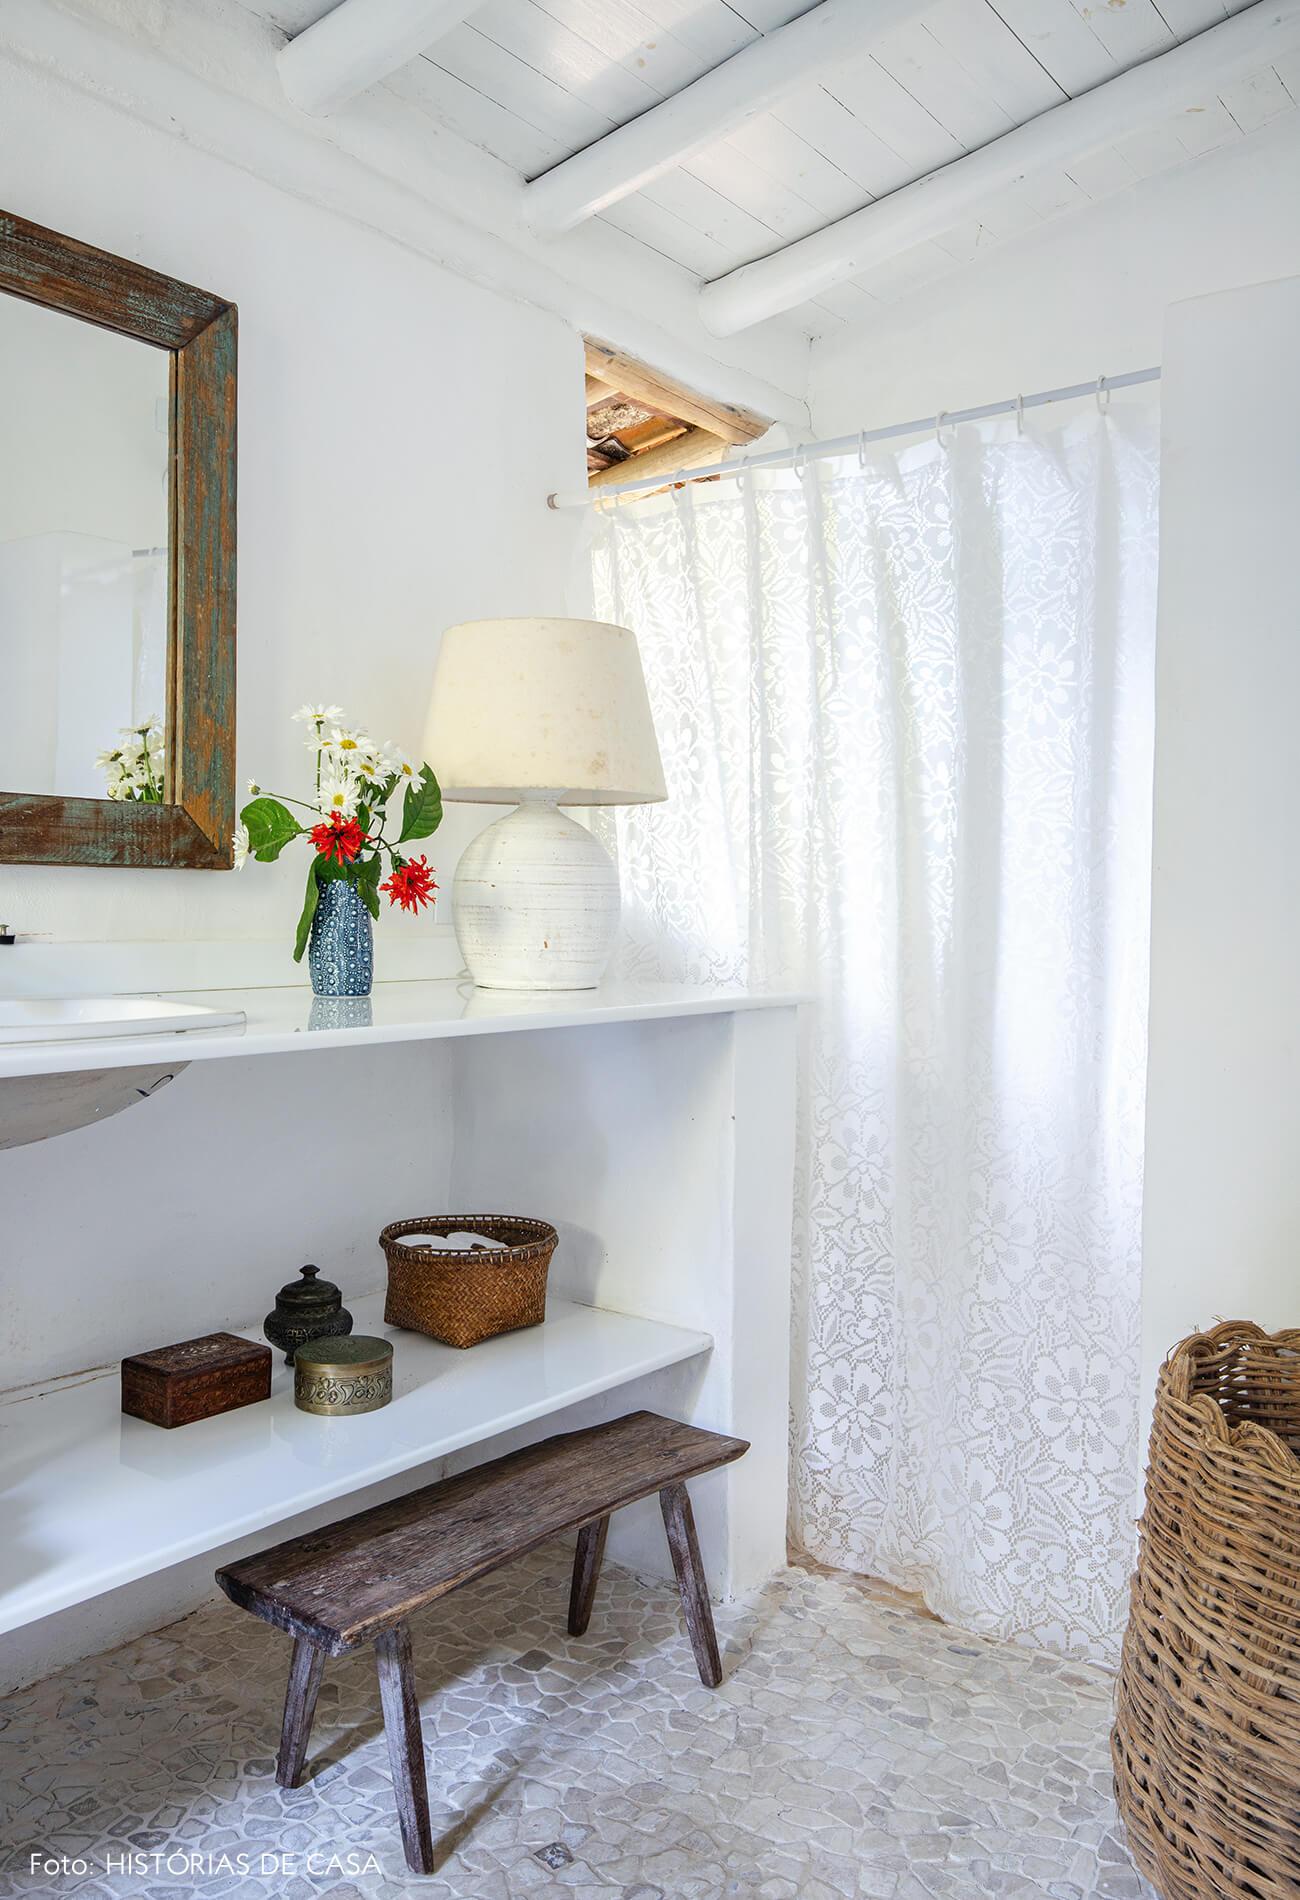 banheiro-branco-com-cesto-e-banco-de-madeira